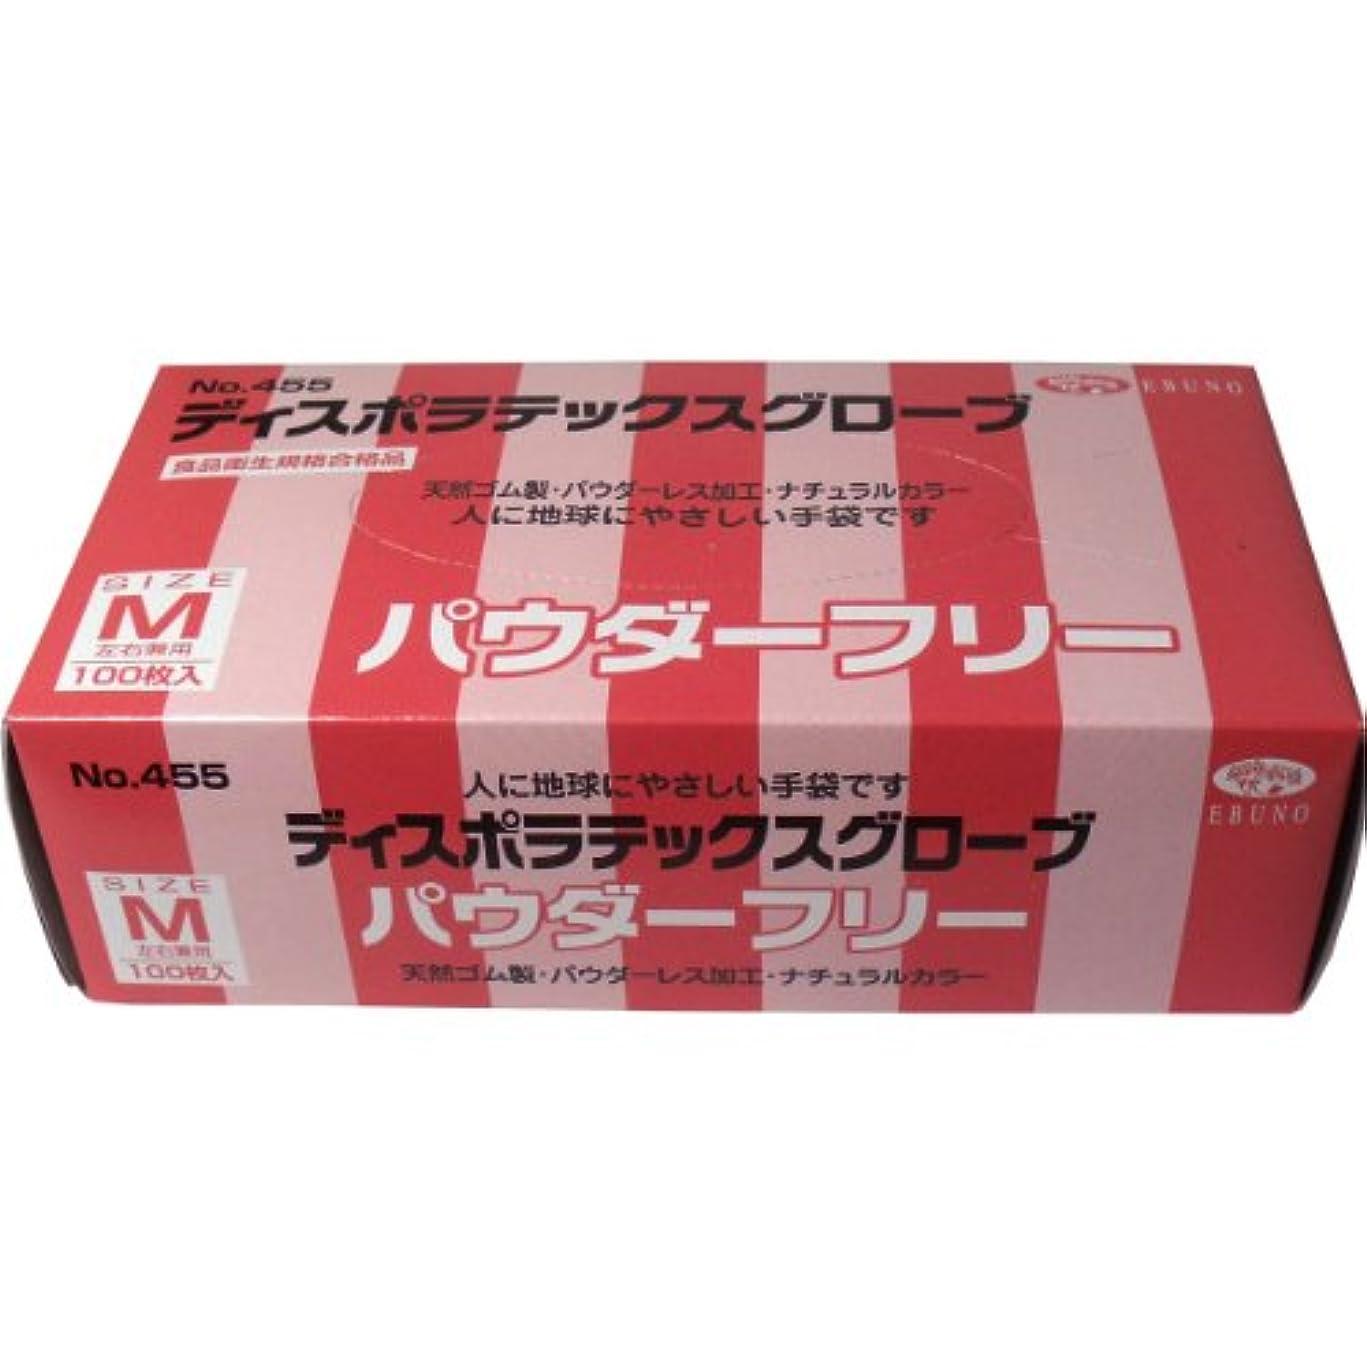 振幅騙す誘惑ディスポ ラテックスグローブ(天然ゴム手袋) パウダーフリー Mサイズ 100枚入(単品)